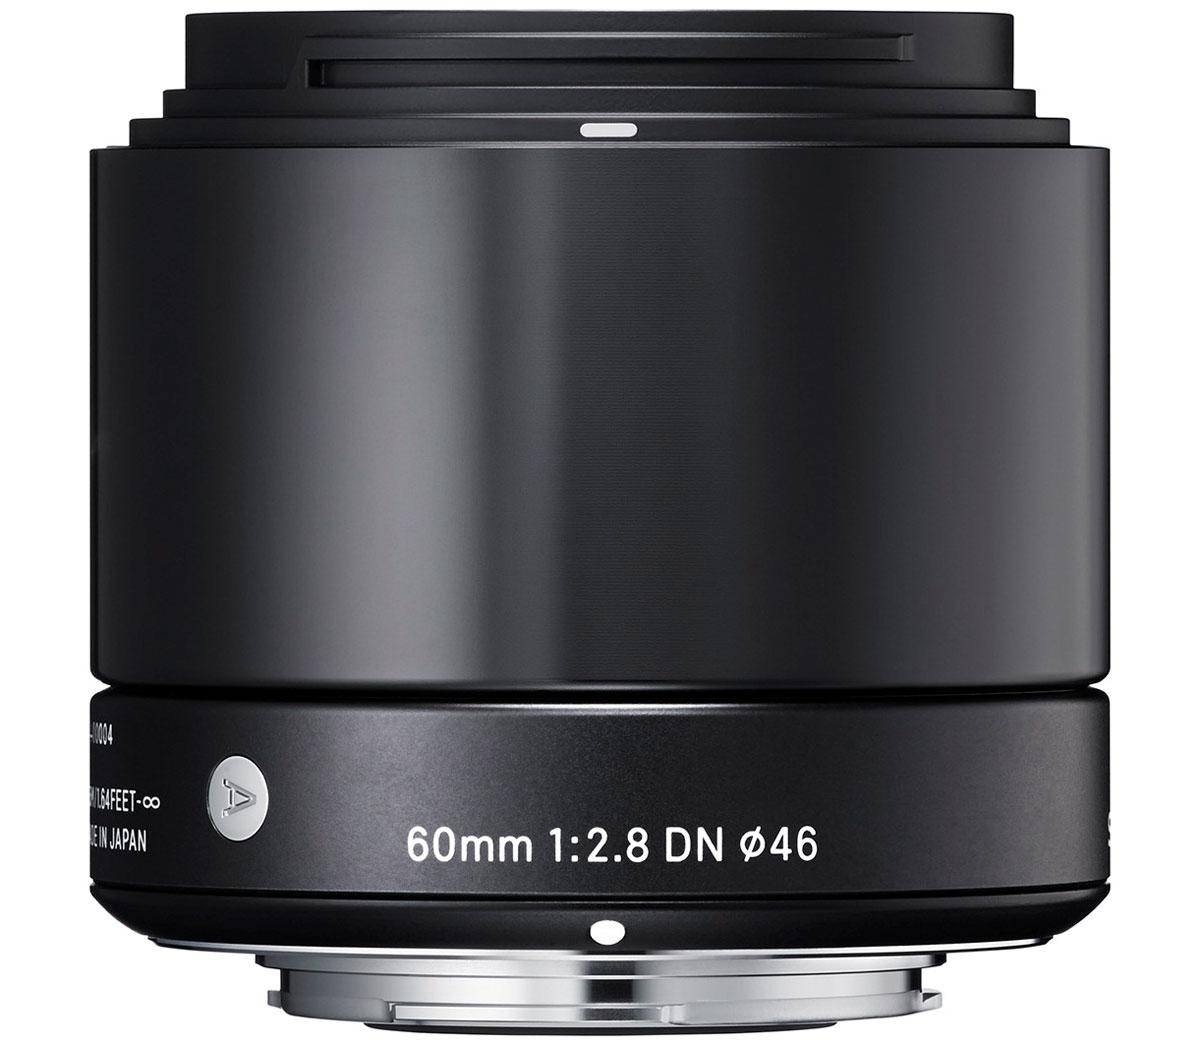 Sigma AF 60mm f/2.8 DN/A, Black объектив для Micro 4/3350963Объектив Sigma AF 60mm f/2.8 DN/A создан с применением передовых оптических технологий – легкий и компактный, с небольшой глубиной резкости – позволяет фотографу эффектно выделять отдельные части объекта съемки.Фокусное расстояние в эквиваленте равно 120 мм для Micro Four/Third и 90 мм для Sony E. Объектив создает изображения с натуральной перспективой и небольшой глубиной резкости, что вкупе с приятным боке делает снимки особо выразительными. Кроме этого, значительно улучшена функциональность. Простая форма кольца фокусировки, различие текстур каждой части, использование металла как основного материала и цельный корпус – все это составляющие дизайна Sigma AF 60mm f/2.8 DN/A.В конструкции объектива применяется самое современное сверхнизнодисперсное оптическое стекло (SLD), а также литые асферические элементы, что гарантирует превосходное исправление искажений и других видов аберрации. Закругленная 7-лепестковая диафрагма создает привлекательное размытие изображения, находящегося не в фокусе. Современная телецентрическая оптическая схема объектива обеспечивает отличное качество изображения по всему полю кадра. Объектив имеет линейный двигатель AF, который перемещает линзу без необходимости использования дополнительных механических частей. Эта система обеспечивает быструю и бесшумную автофокусировку, что позволяет использовать данную модель как для записи видео, так и для съемки фотографий.